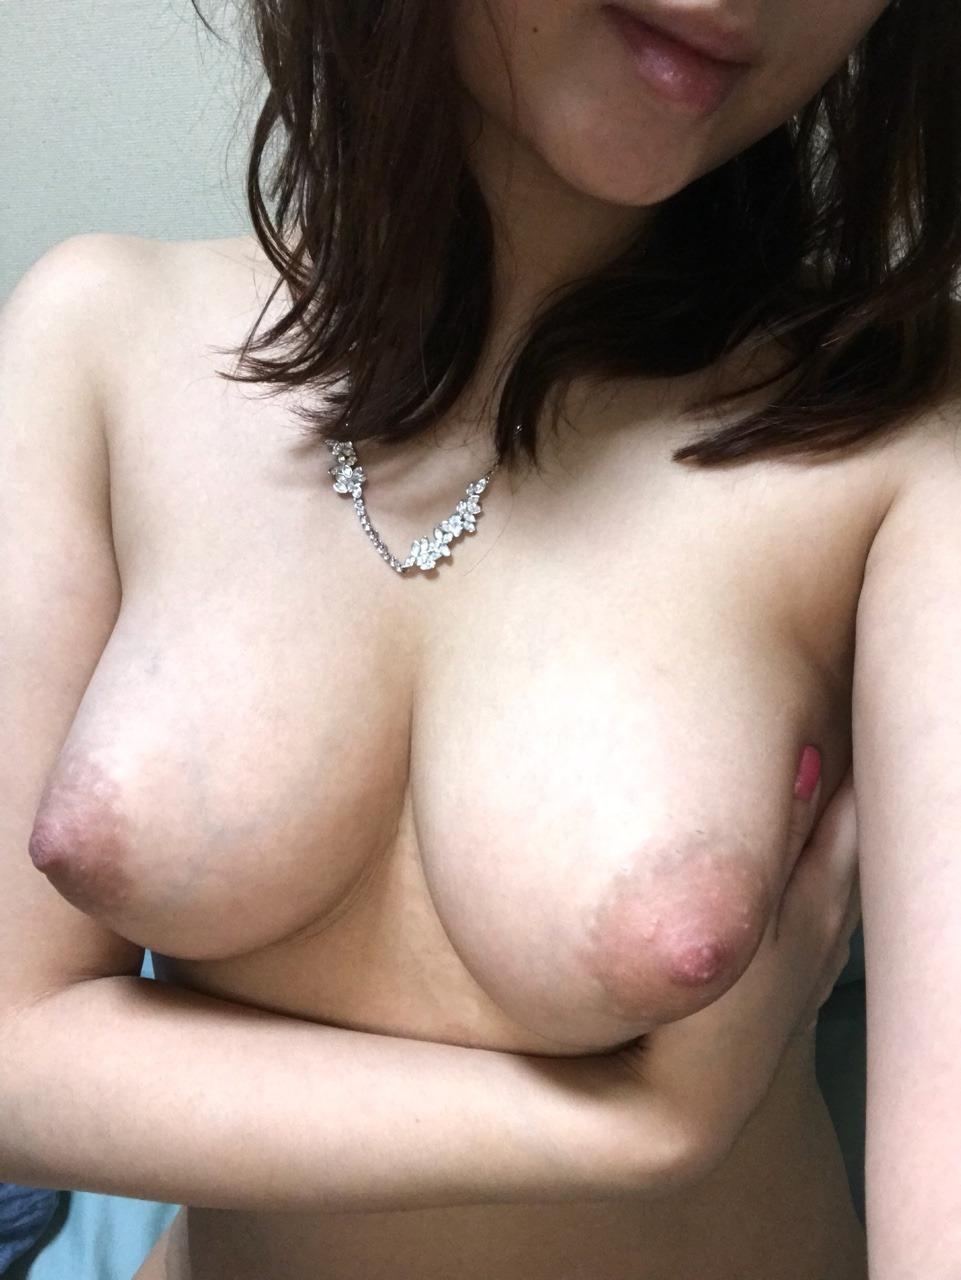 巨乳お姉様の自分撮り変態ヌード画像 4